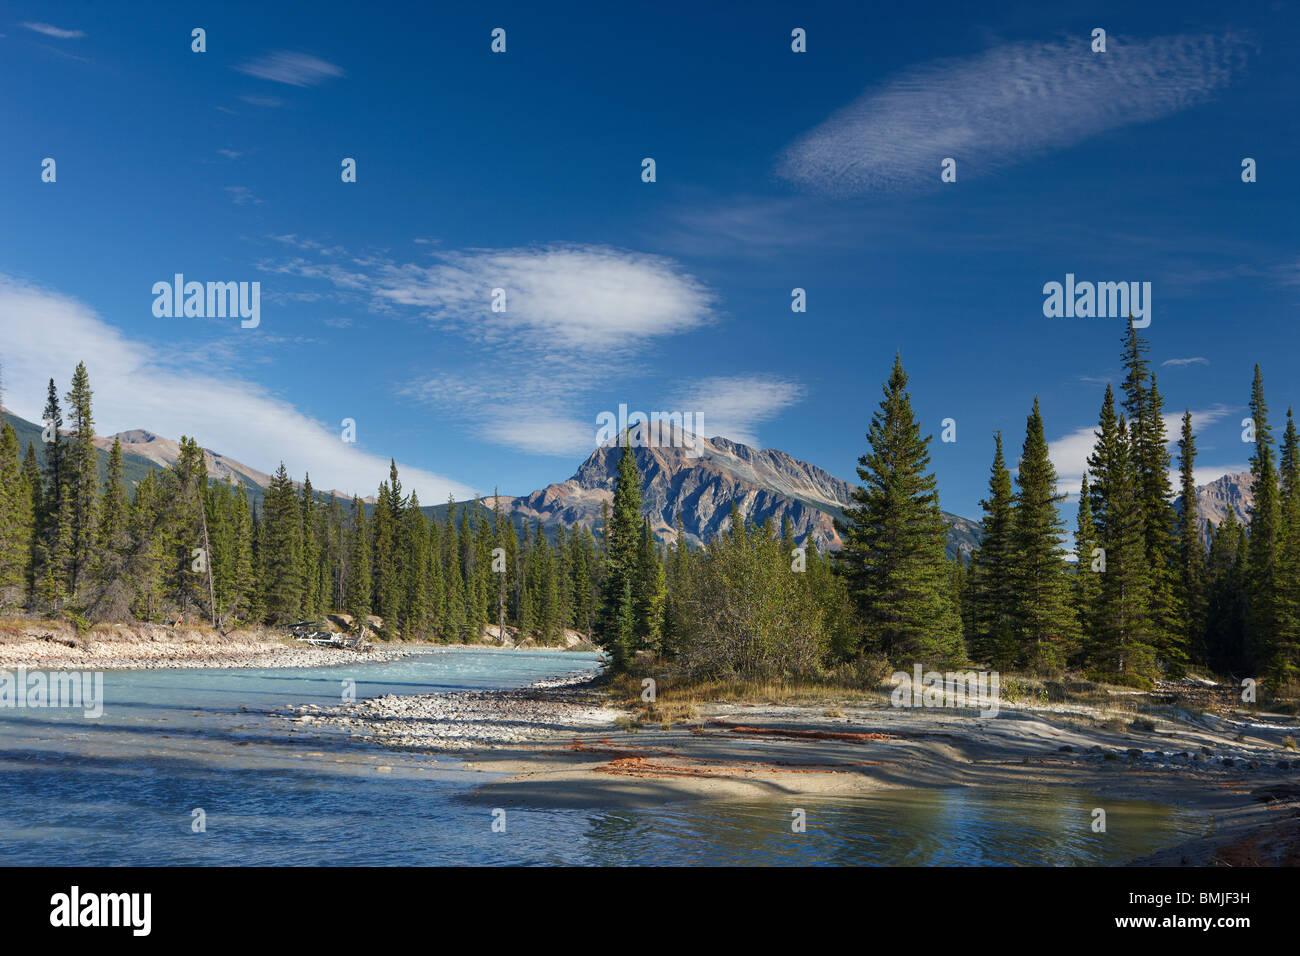 Il Fiume Athabasca presso Otto Cache del Parco Nazionale di Jasper, Alberta, Canada Immagini Stock